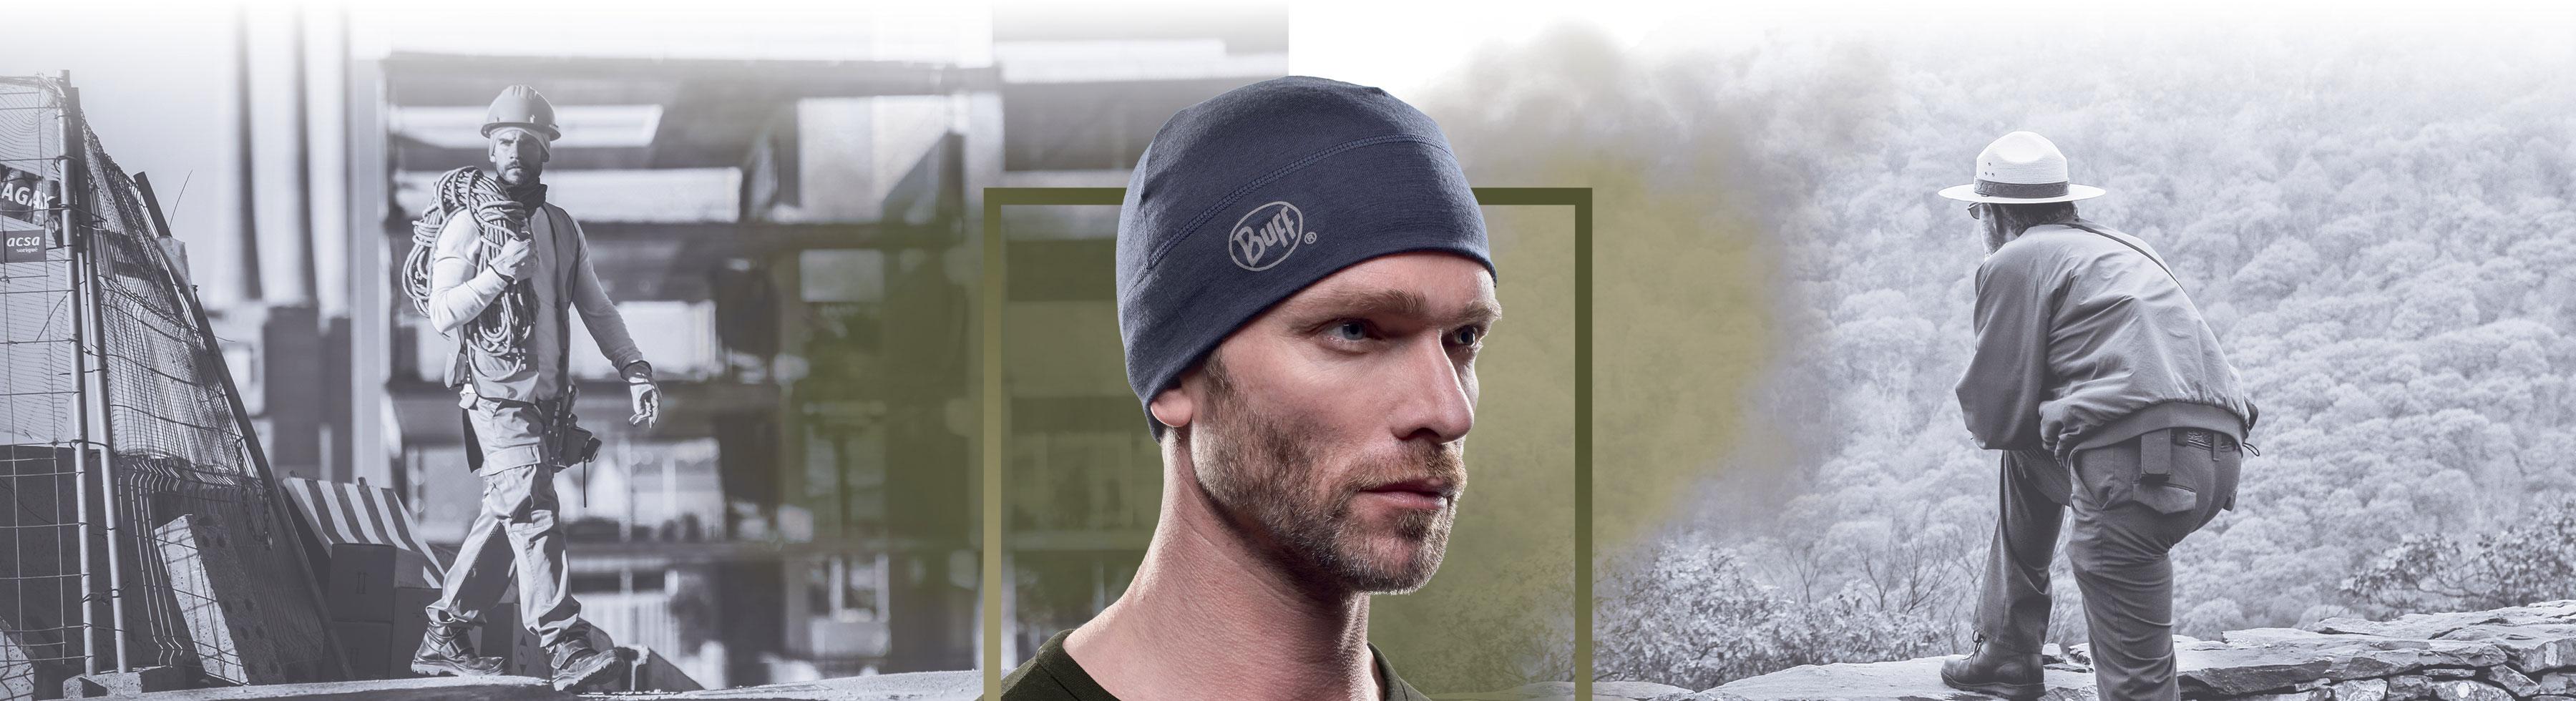 BUFF - Merino Wool 1 Layer Hat - Hovedbeklædning - kasket - hat til industri og professionelle